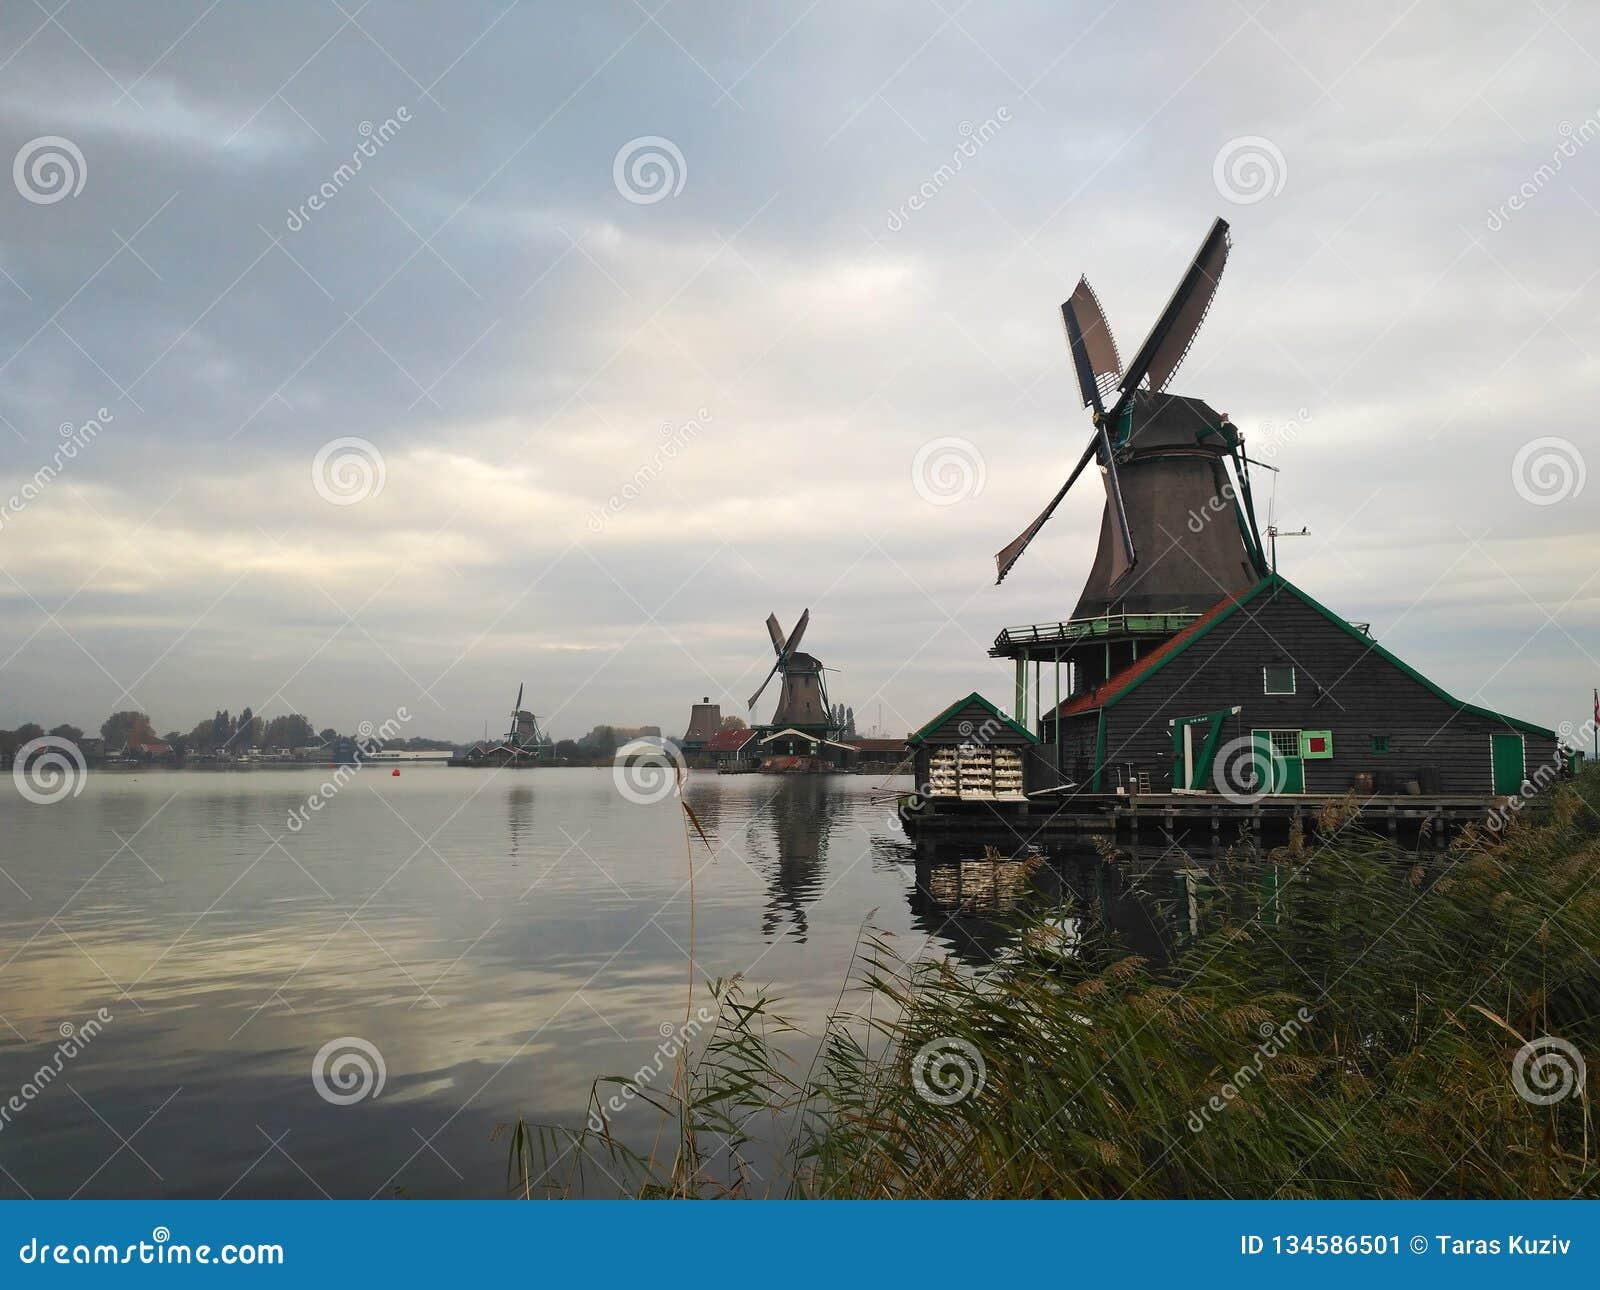 Windmolens op de rivier Zaan Zaanse Schans, Nederland